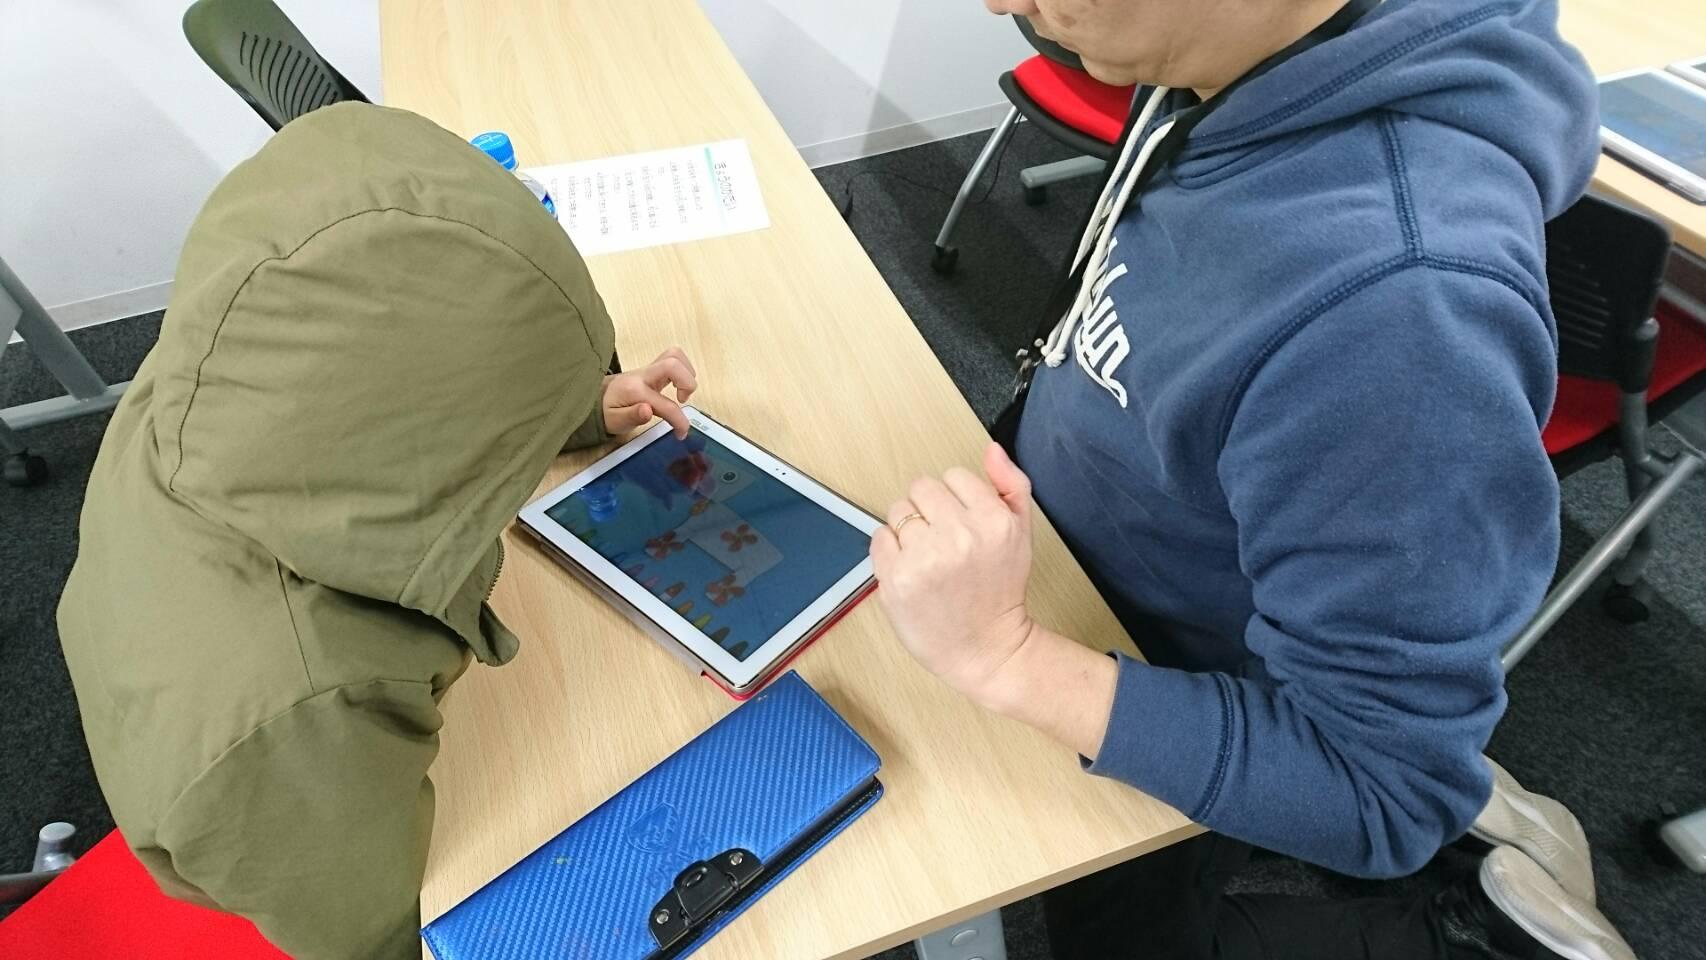 体験教室|プログラミングスクール・習い事のイフキッズアカデミー(IF Kids Academy)